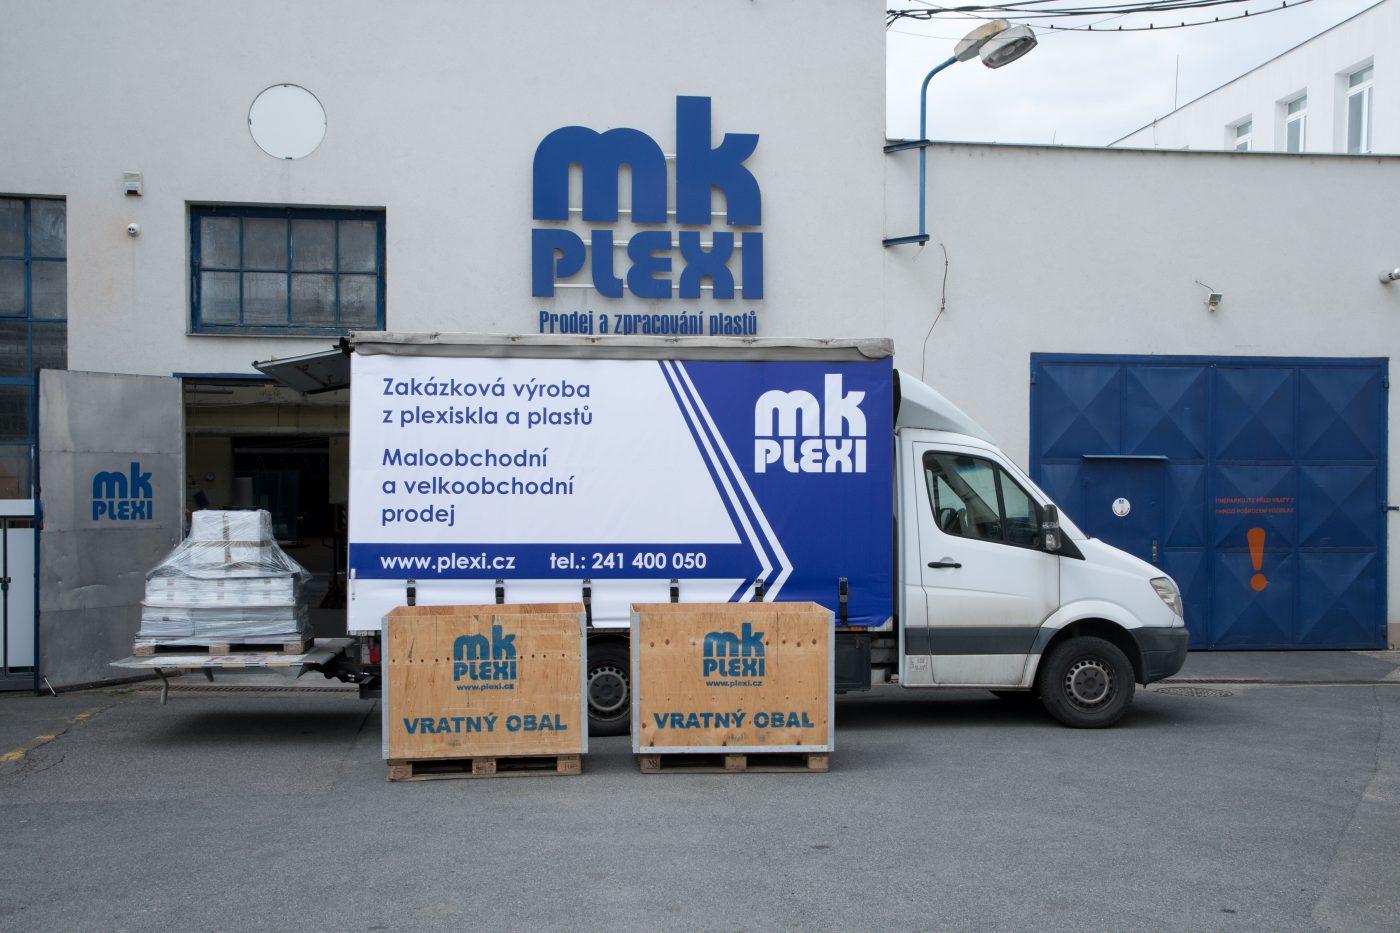 Doprava plexi po Praze, montáže plexi výrobků,